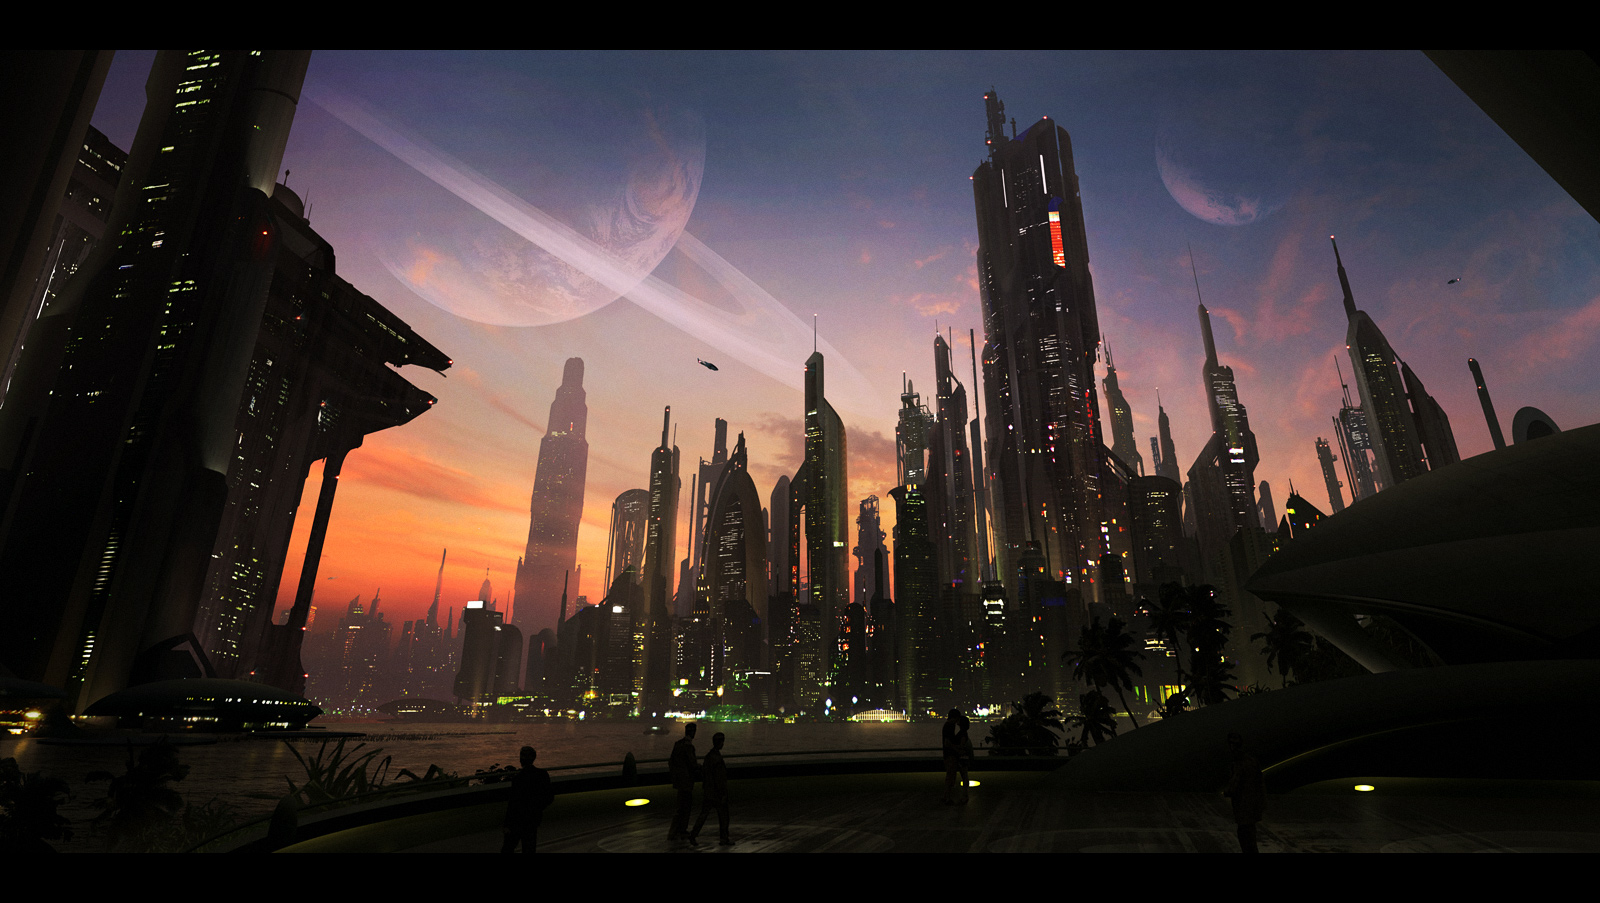 cityscapes futuristic wallpaper 1900x1041 - photo #12